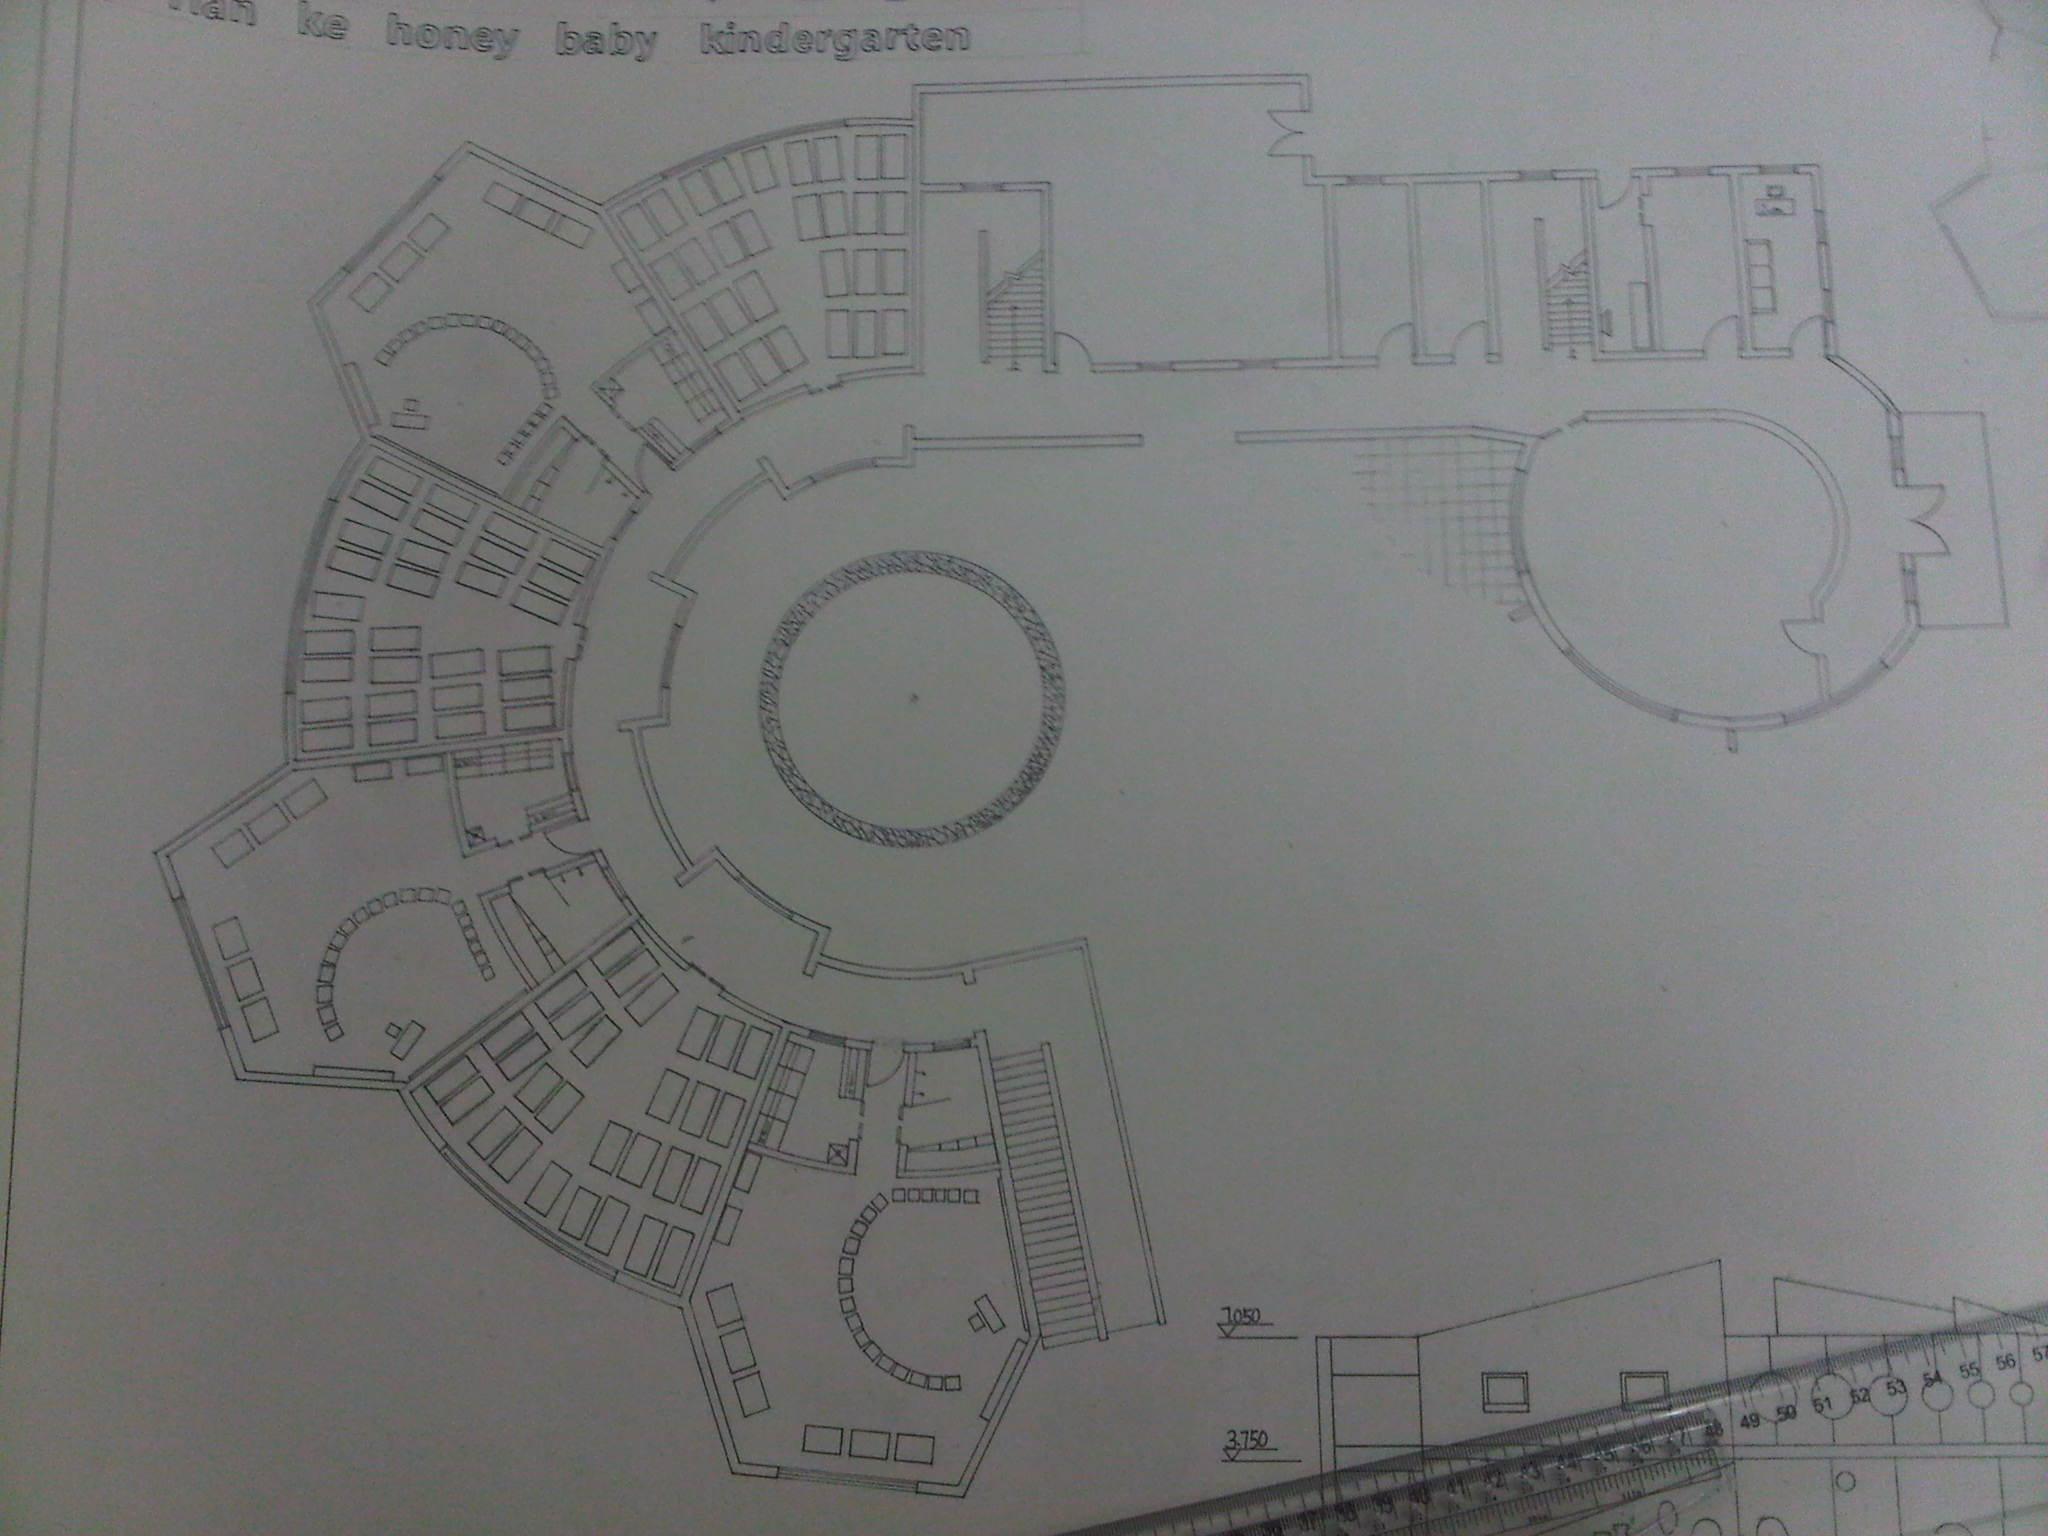 本人建筑学专业,进行幼儿园设计时设计的首层平面图如